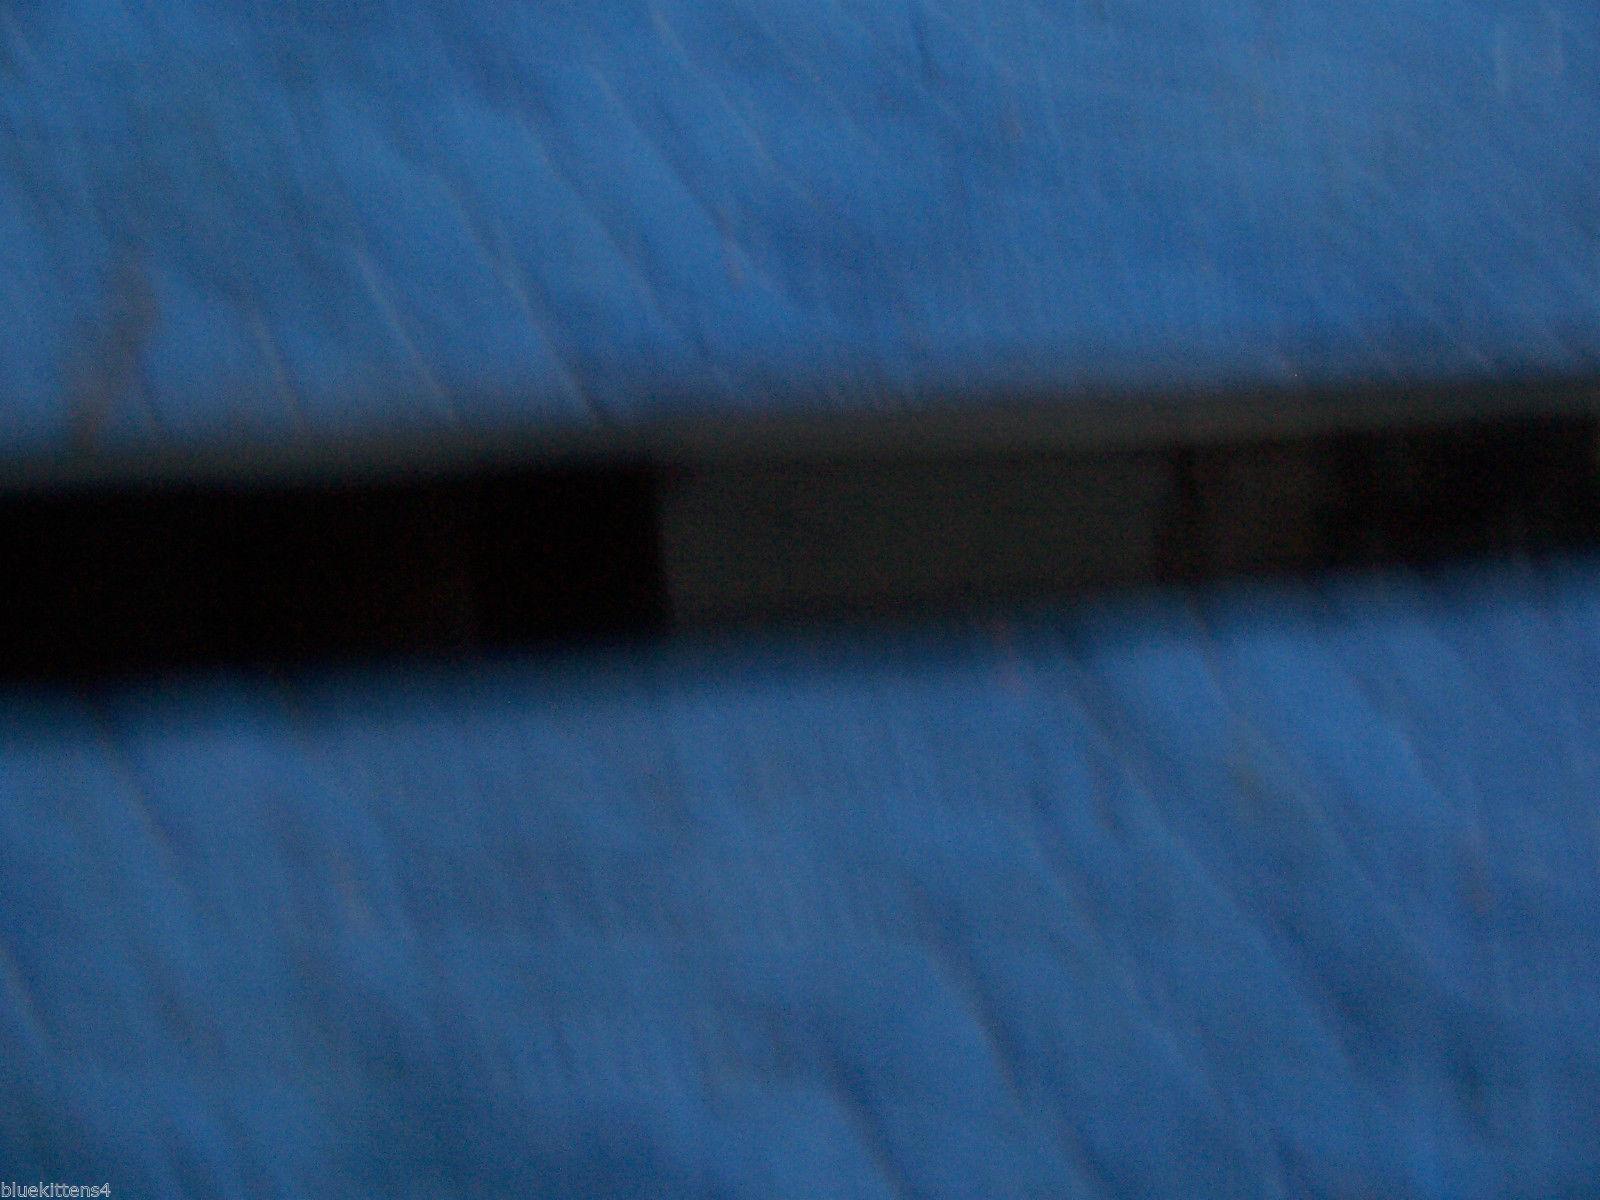 BLACK LEFT DOOR TRIM MOLDING  2000 2001 DEVILLE DHS DTS OEM USED ORIG GM PART image 5